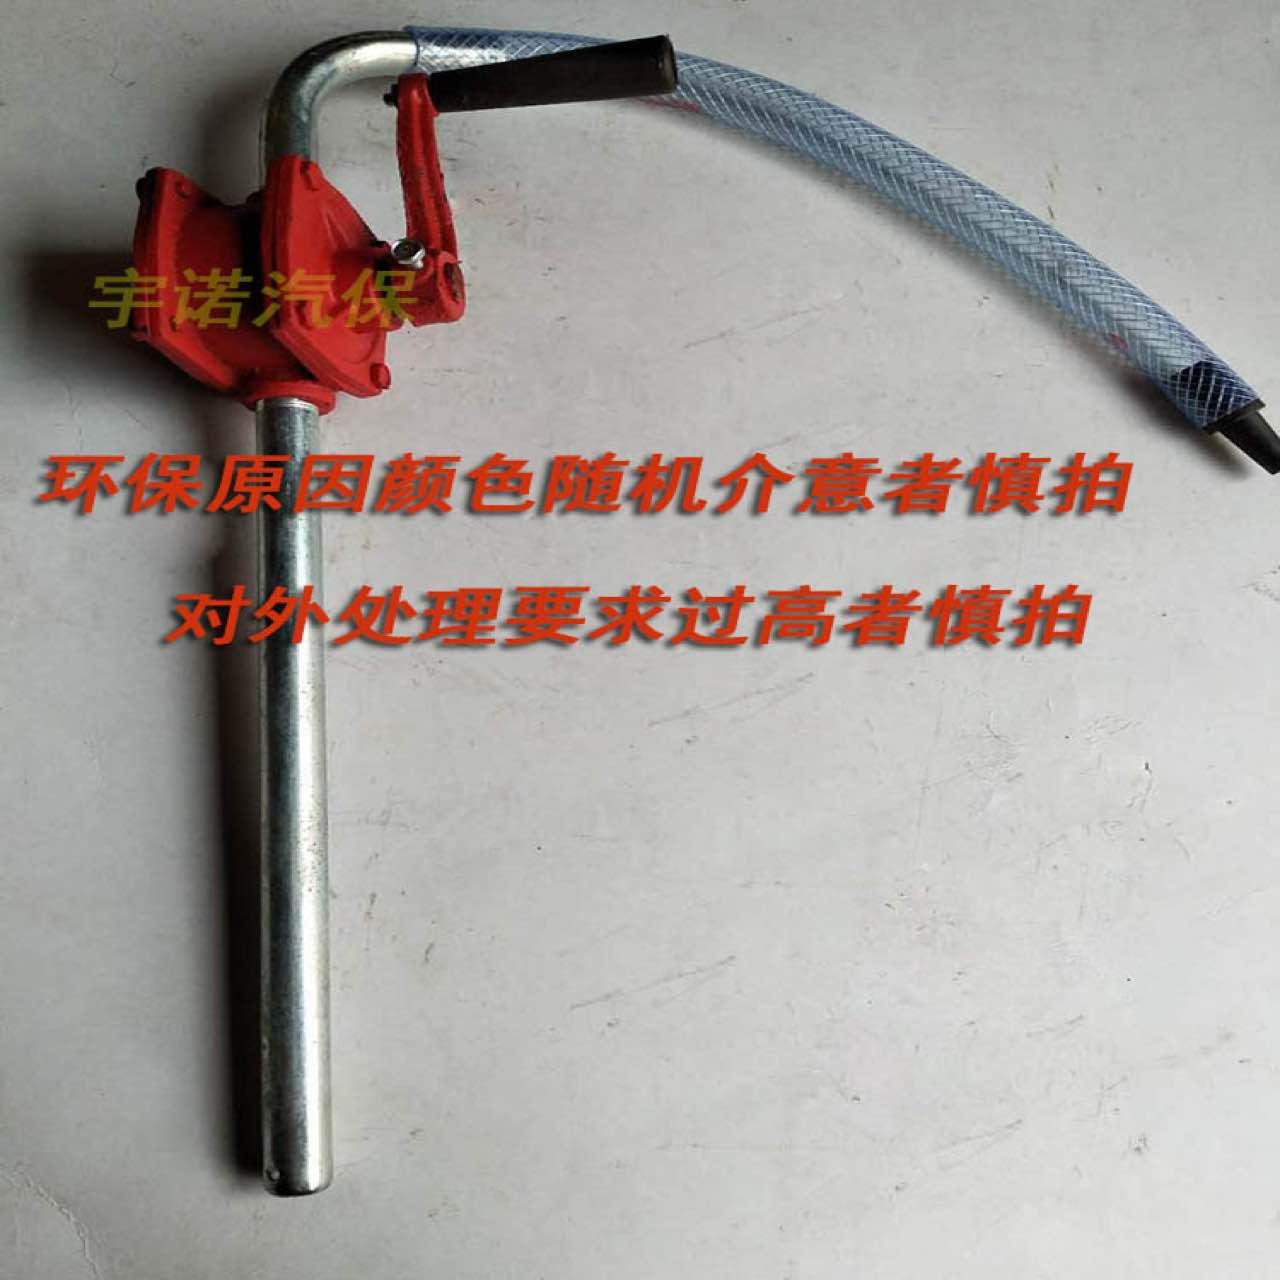 手摇泵手摇抽油泵手动机油齿轮油加注器加油泵吸油机油抽子加油机